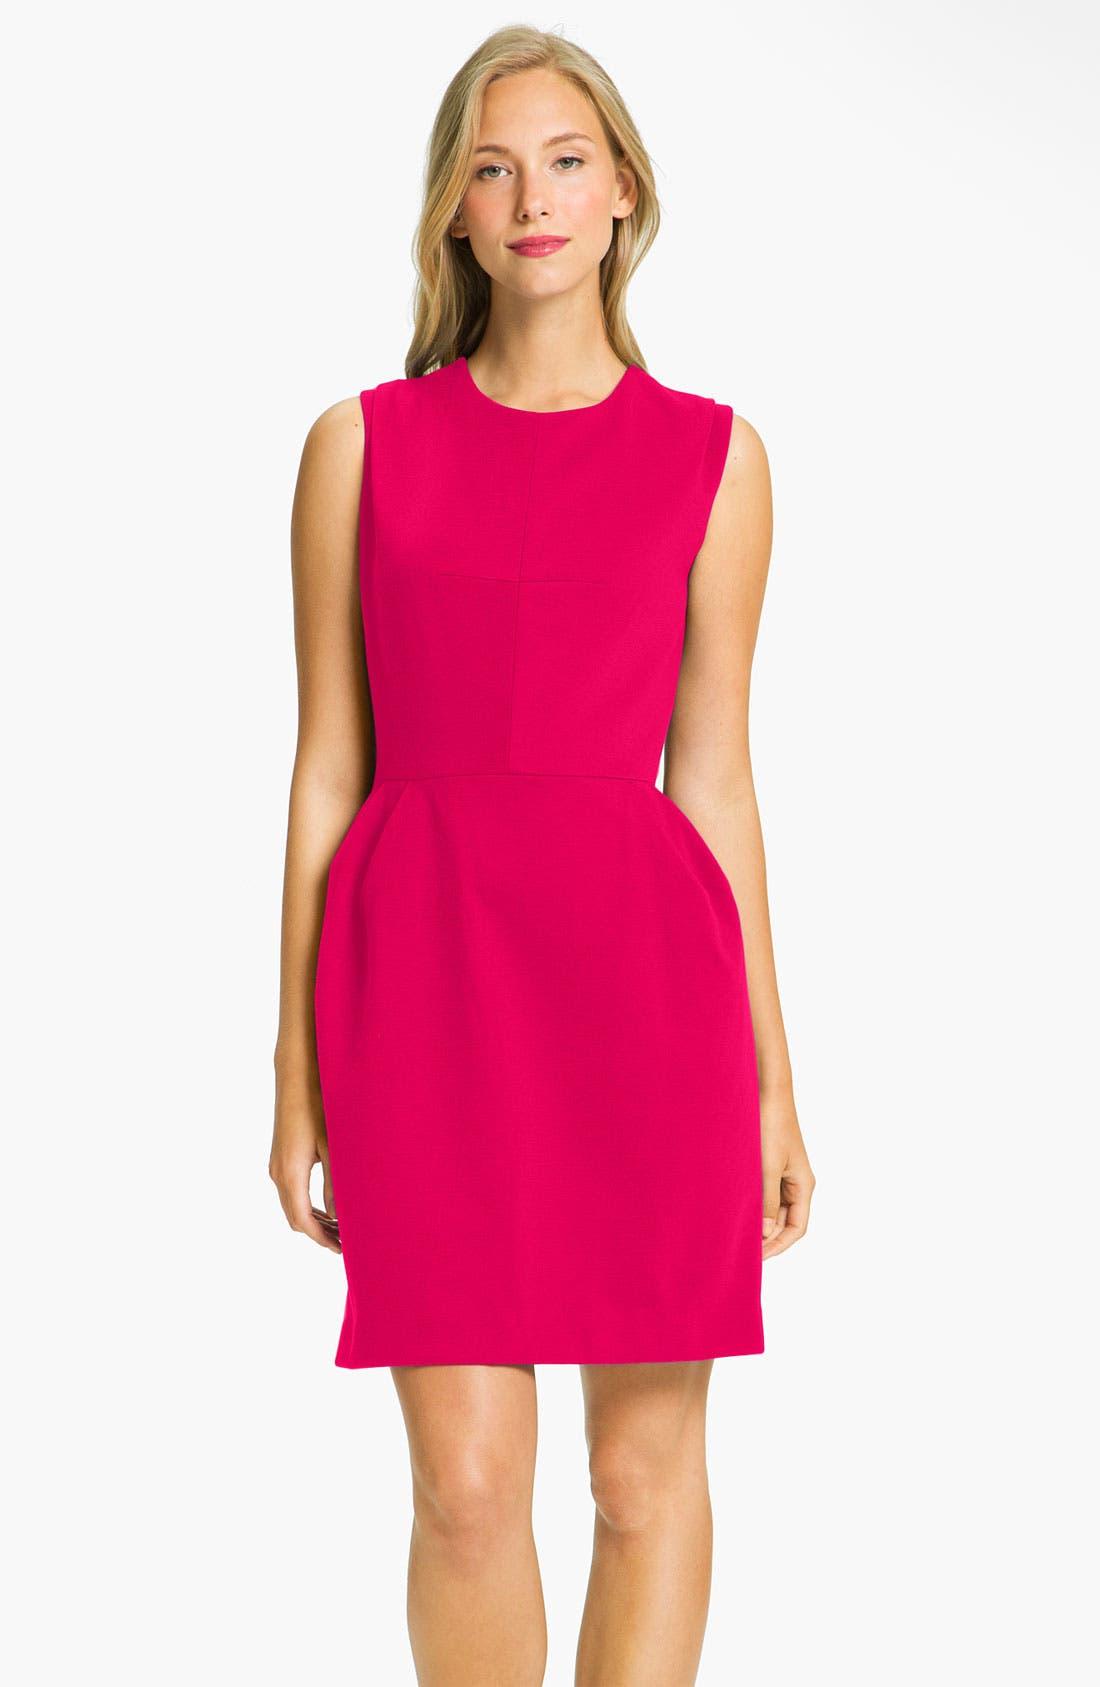 Main Image - Donna Morgan Sleeveless Ponte Knit Tulip Dress (Petite)